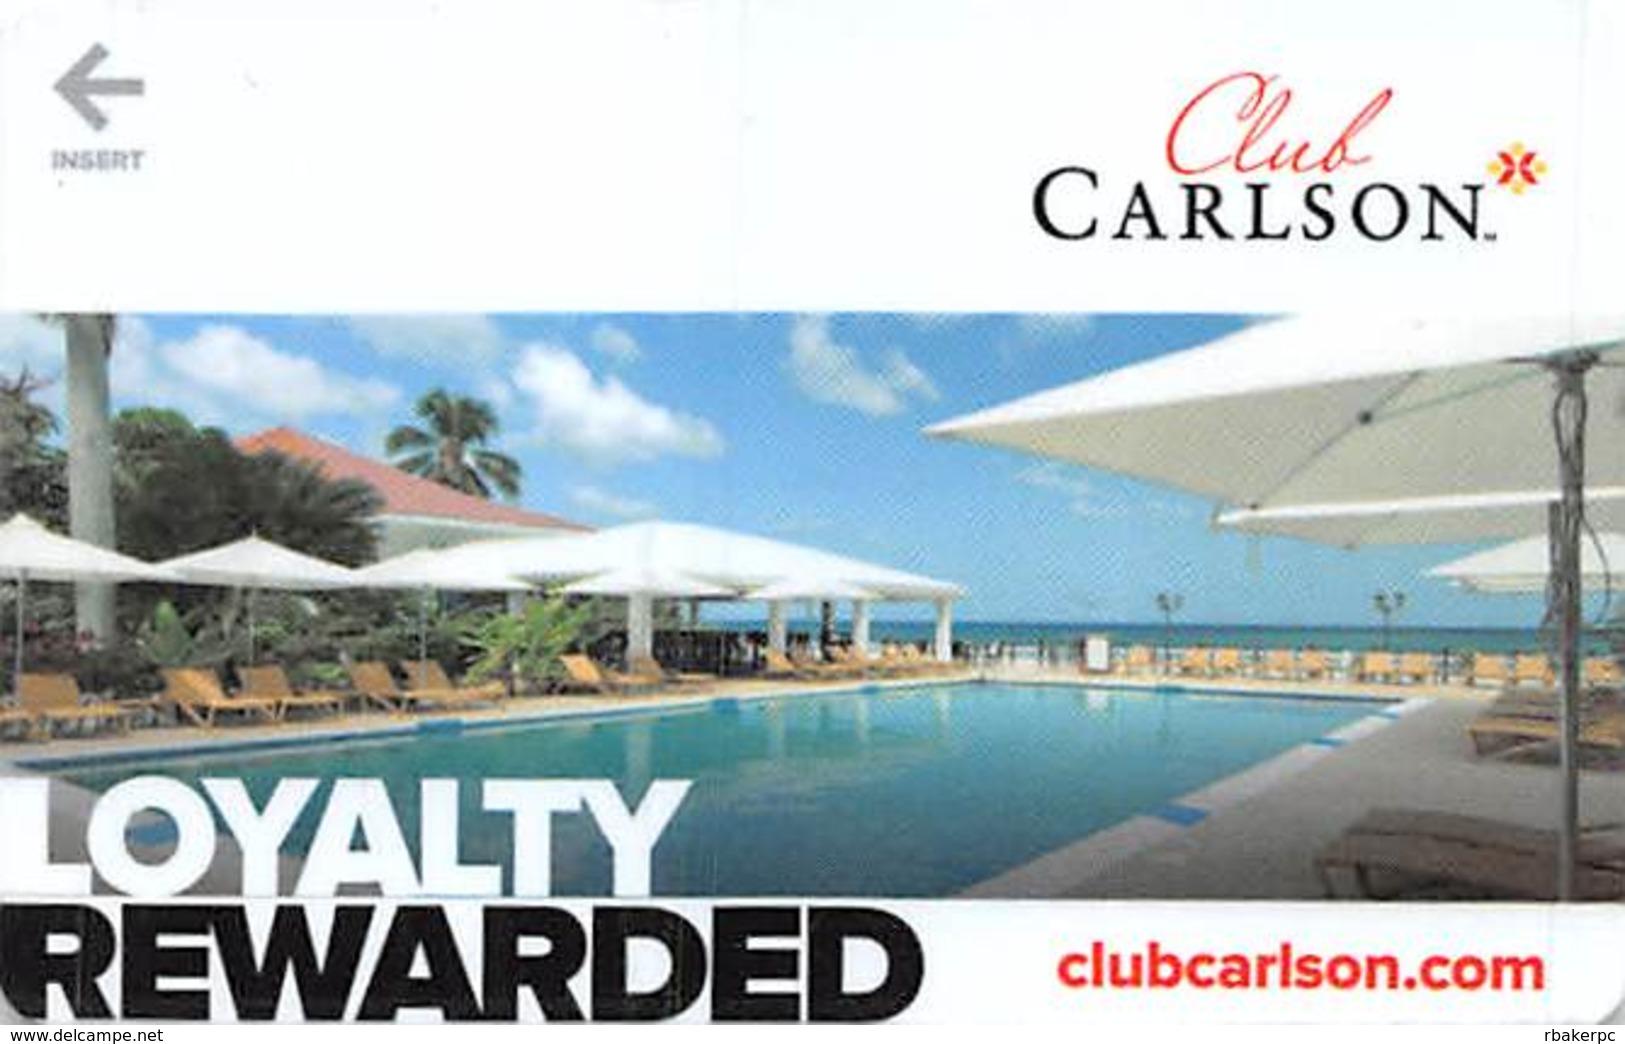 Club Carlson Loyalty Rewarded Hotel Room Key Card - Hotel Keycards